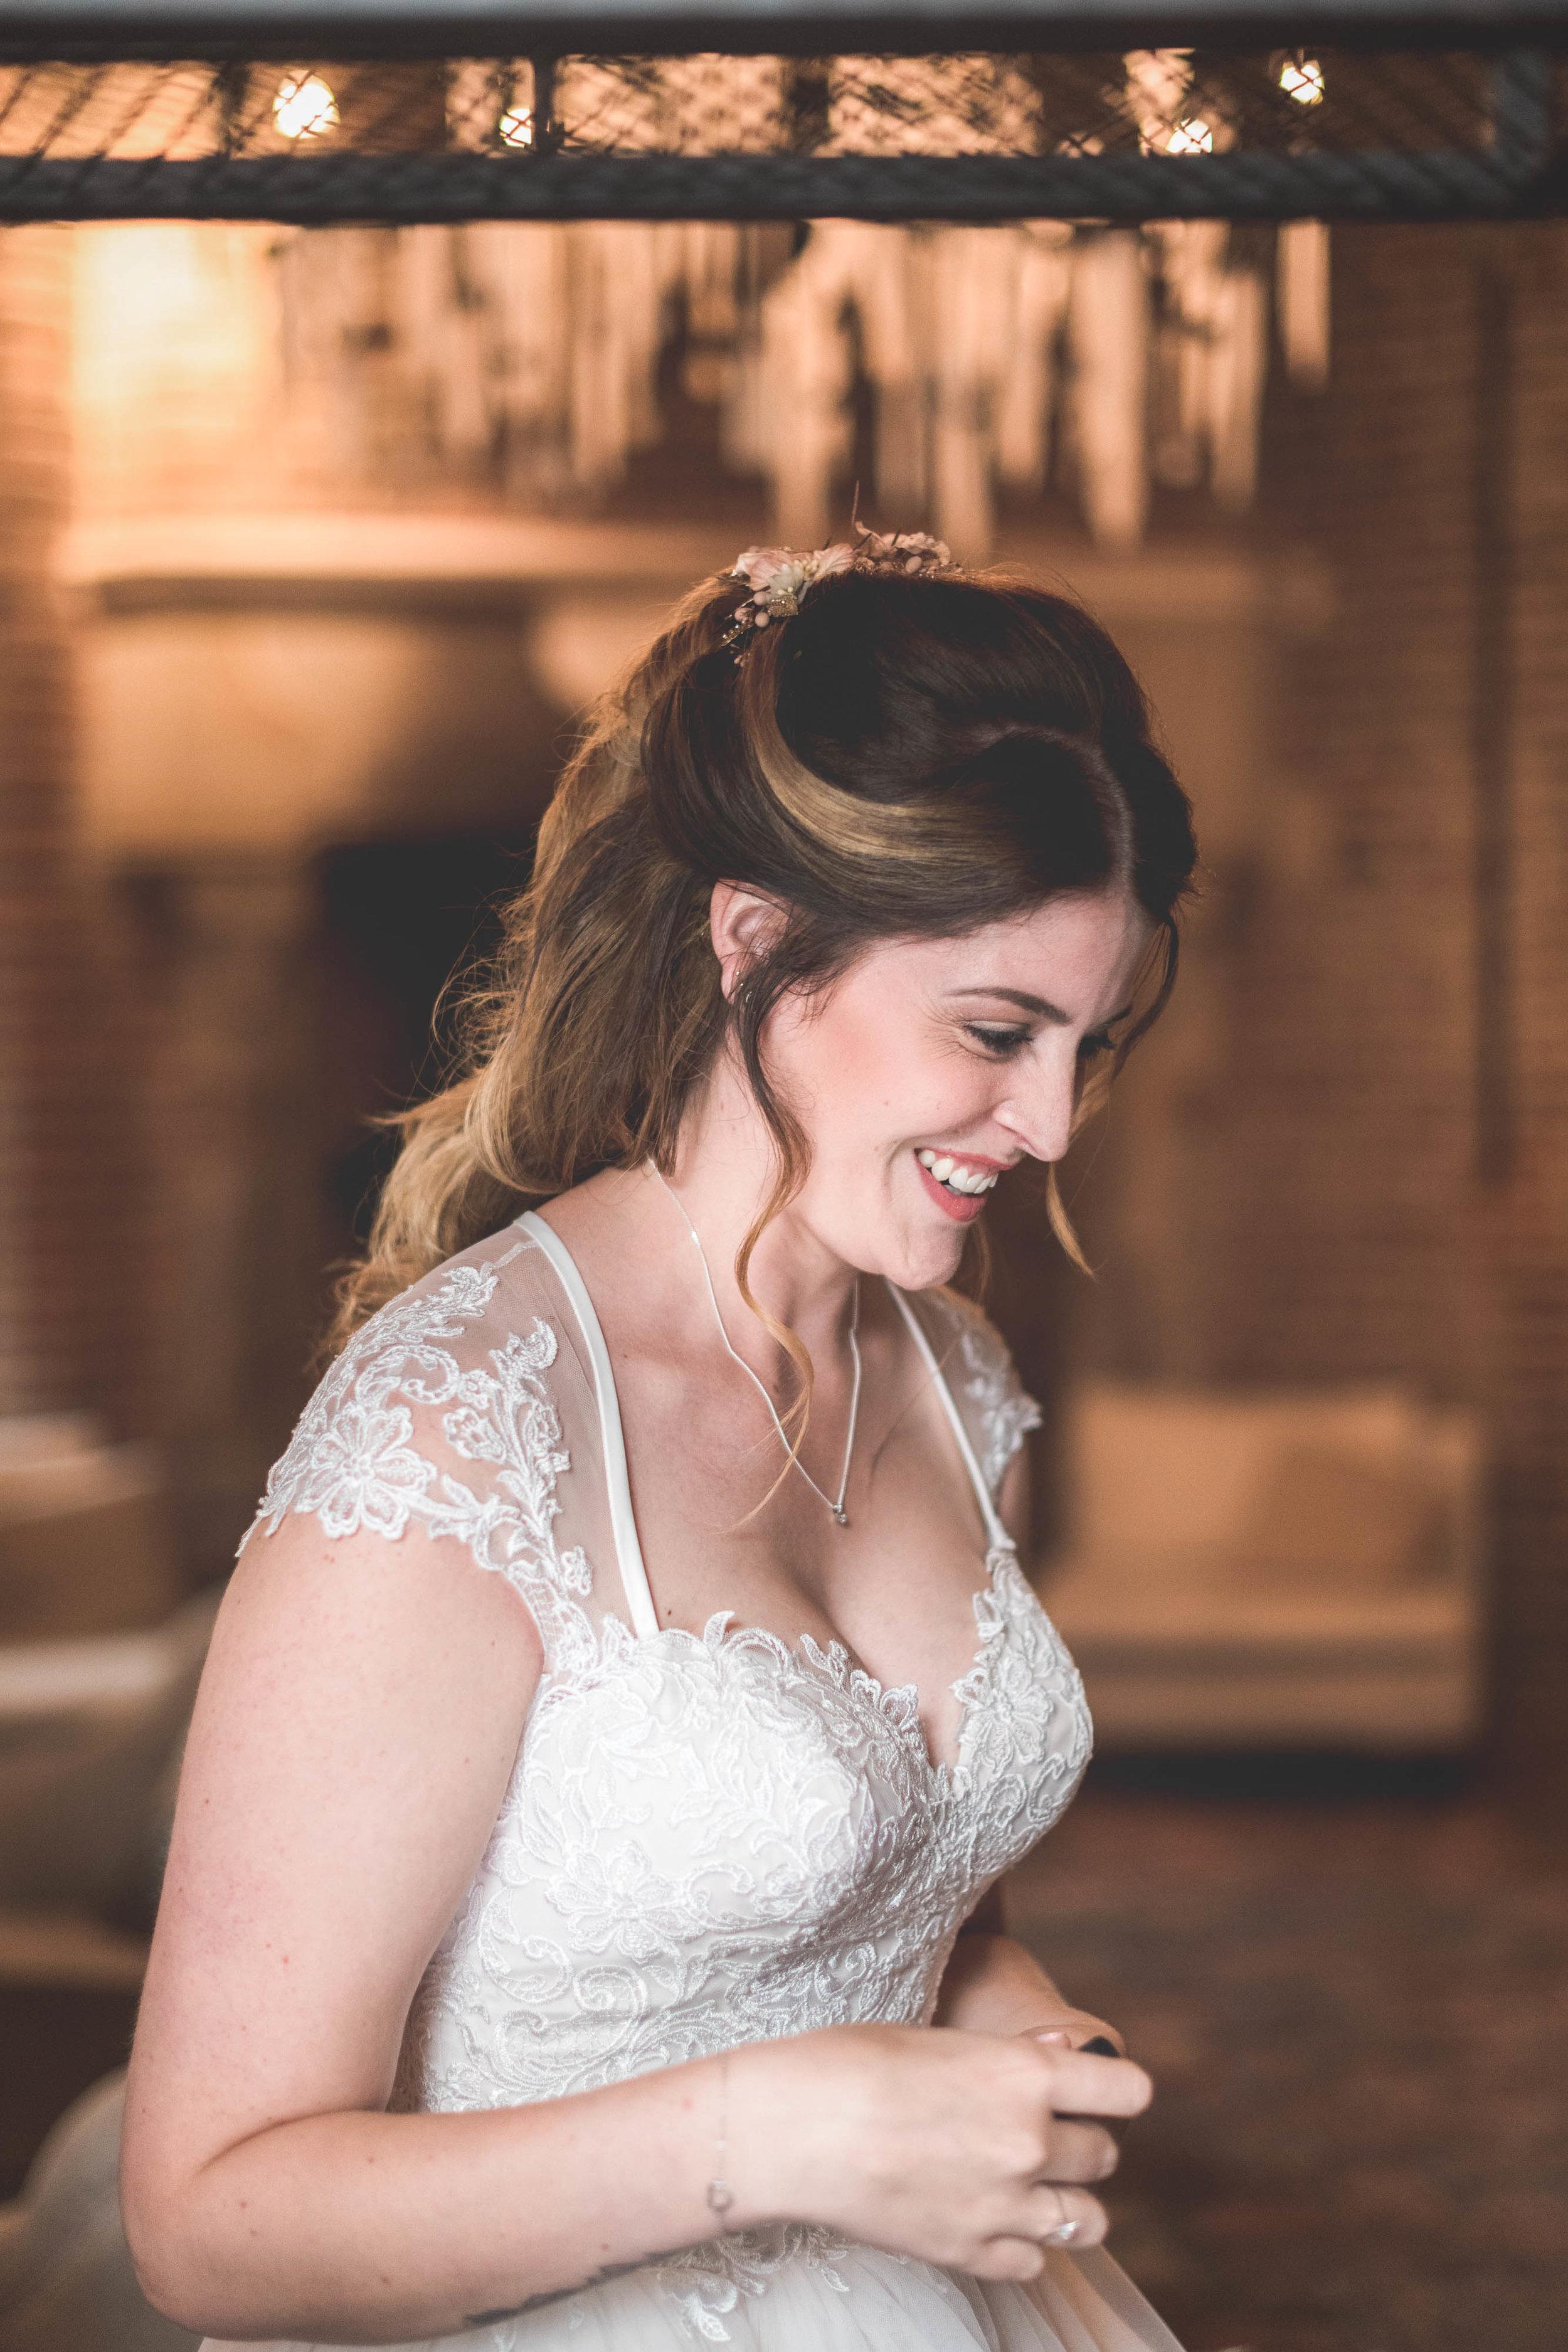 Een Rotterdamse bruid tijdens de voorbereidingen van de bruiloft.